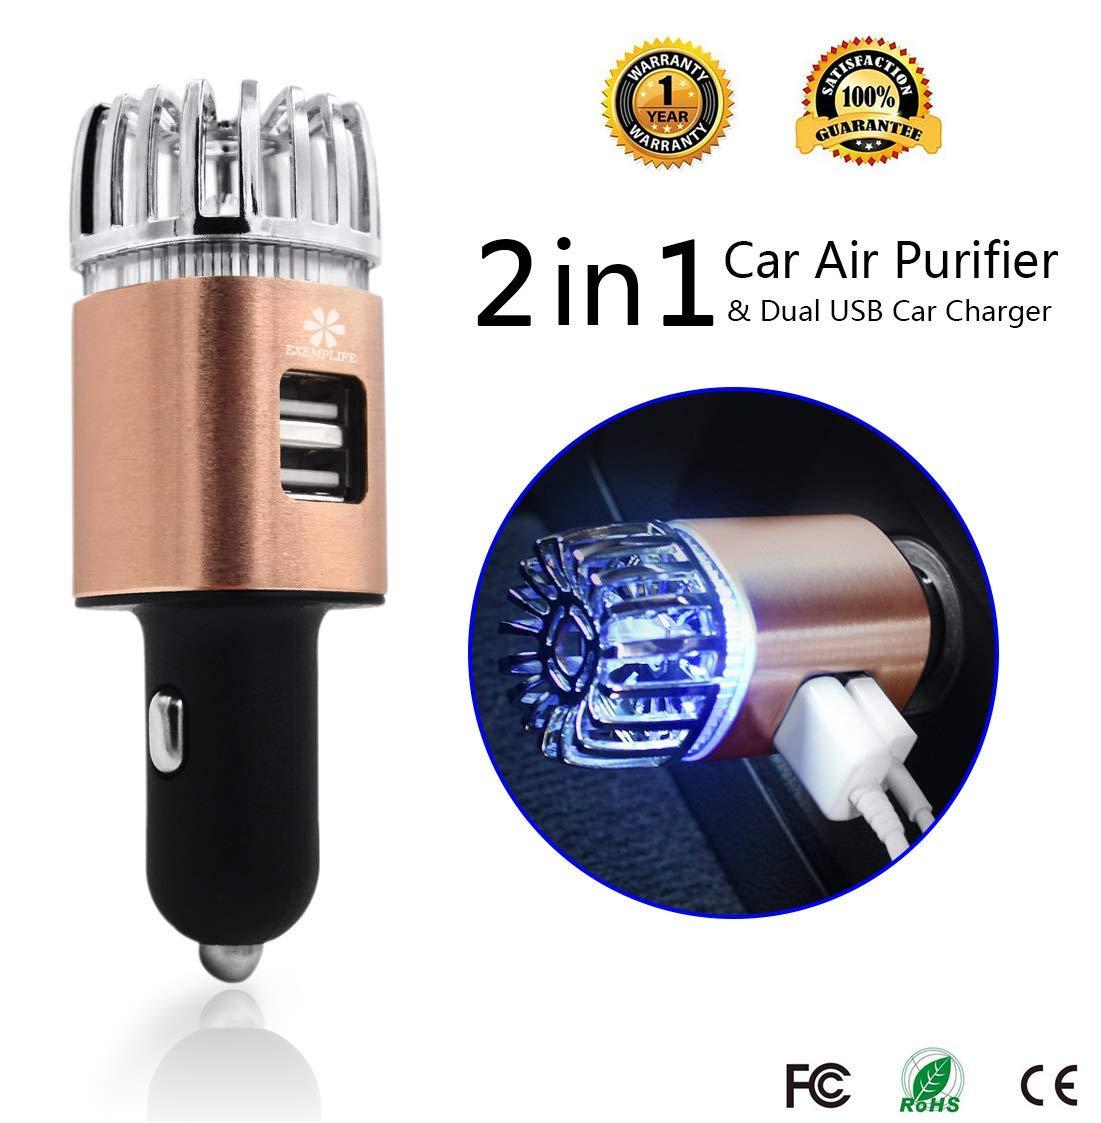 Exemplife Car Air Purifier